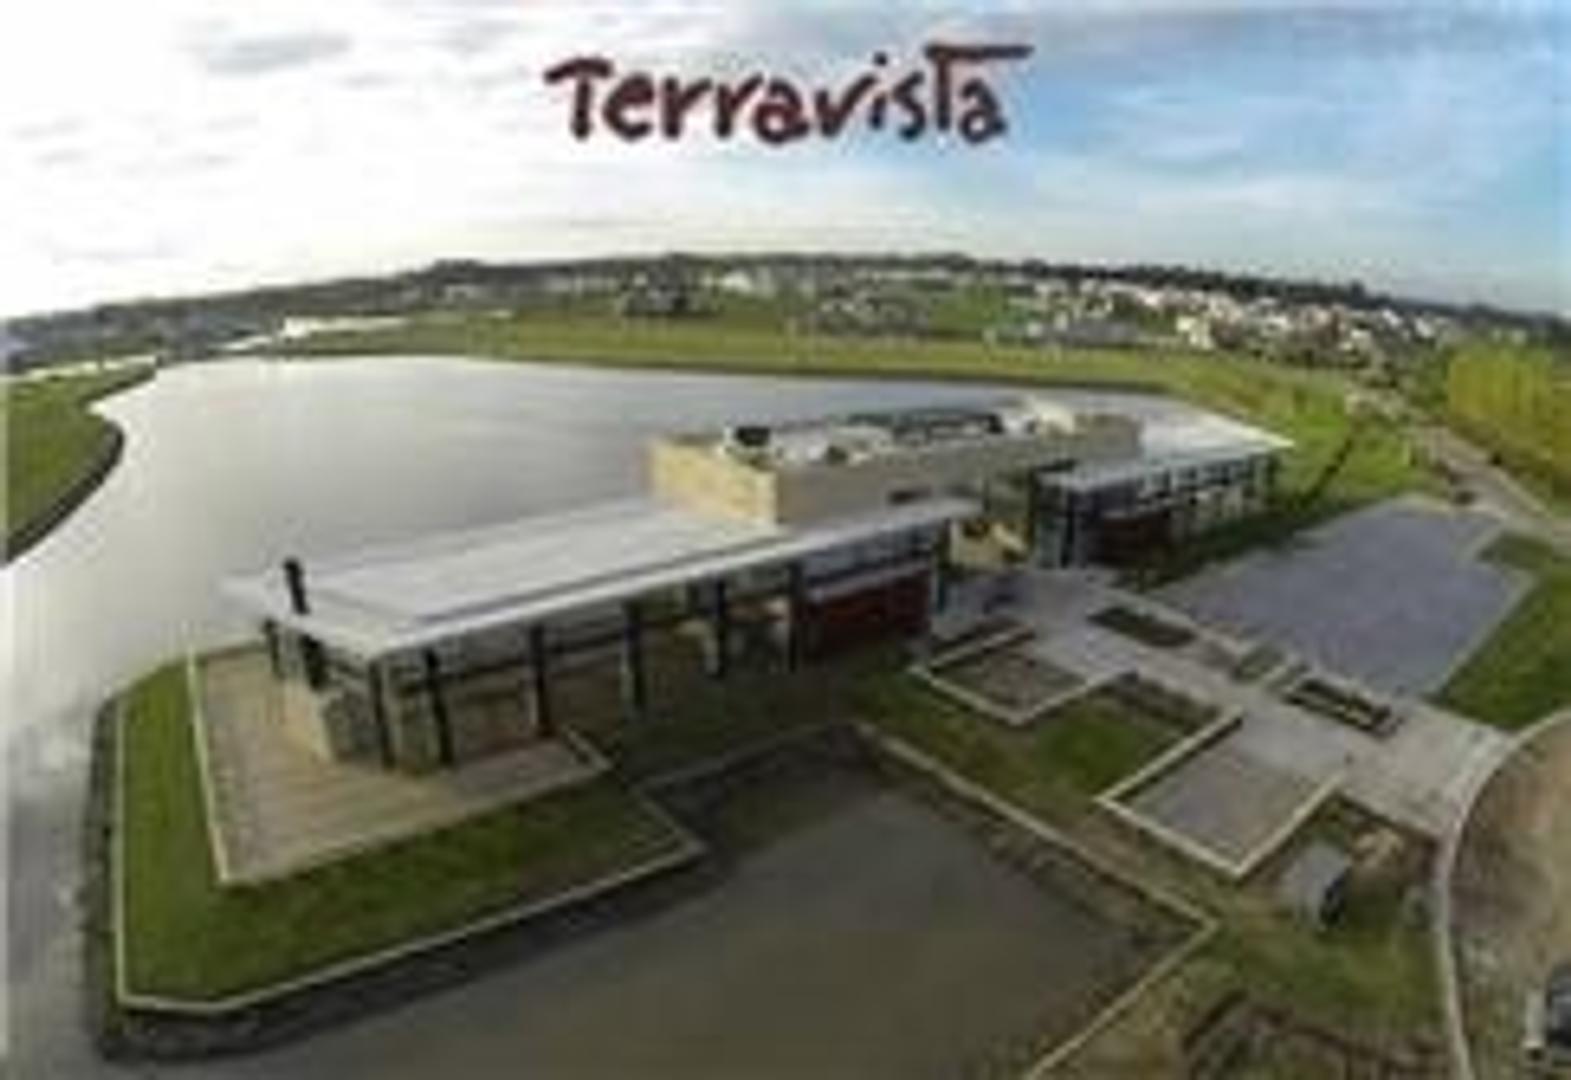 LOTE BARRIO CERRADO TERRAVISTA - ETAPA 3 - CUL DE SAC VISTA LAGUNA - 1100MT2 **FINANCIACIÓN**